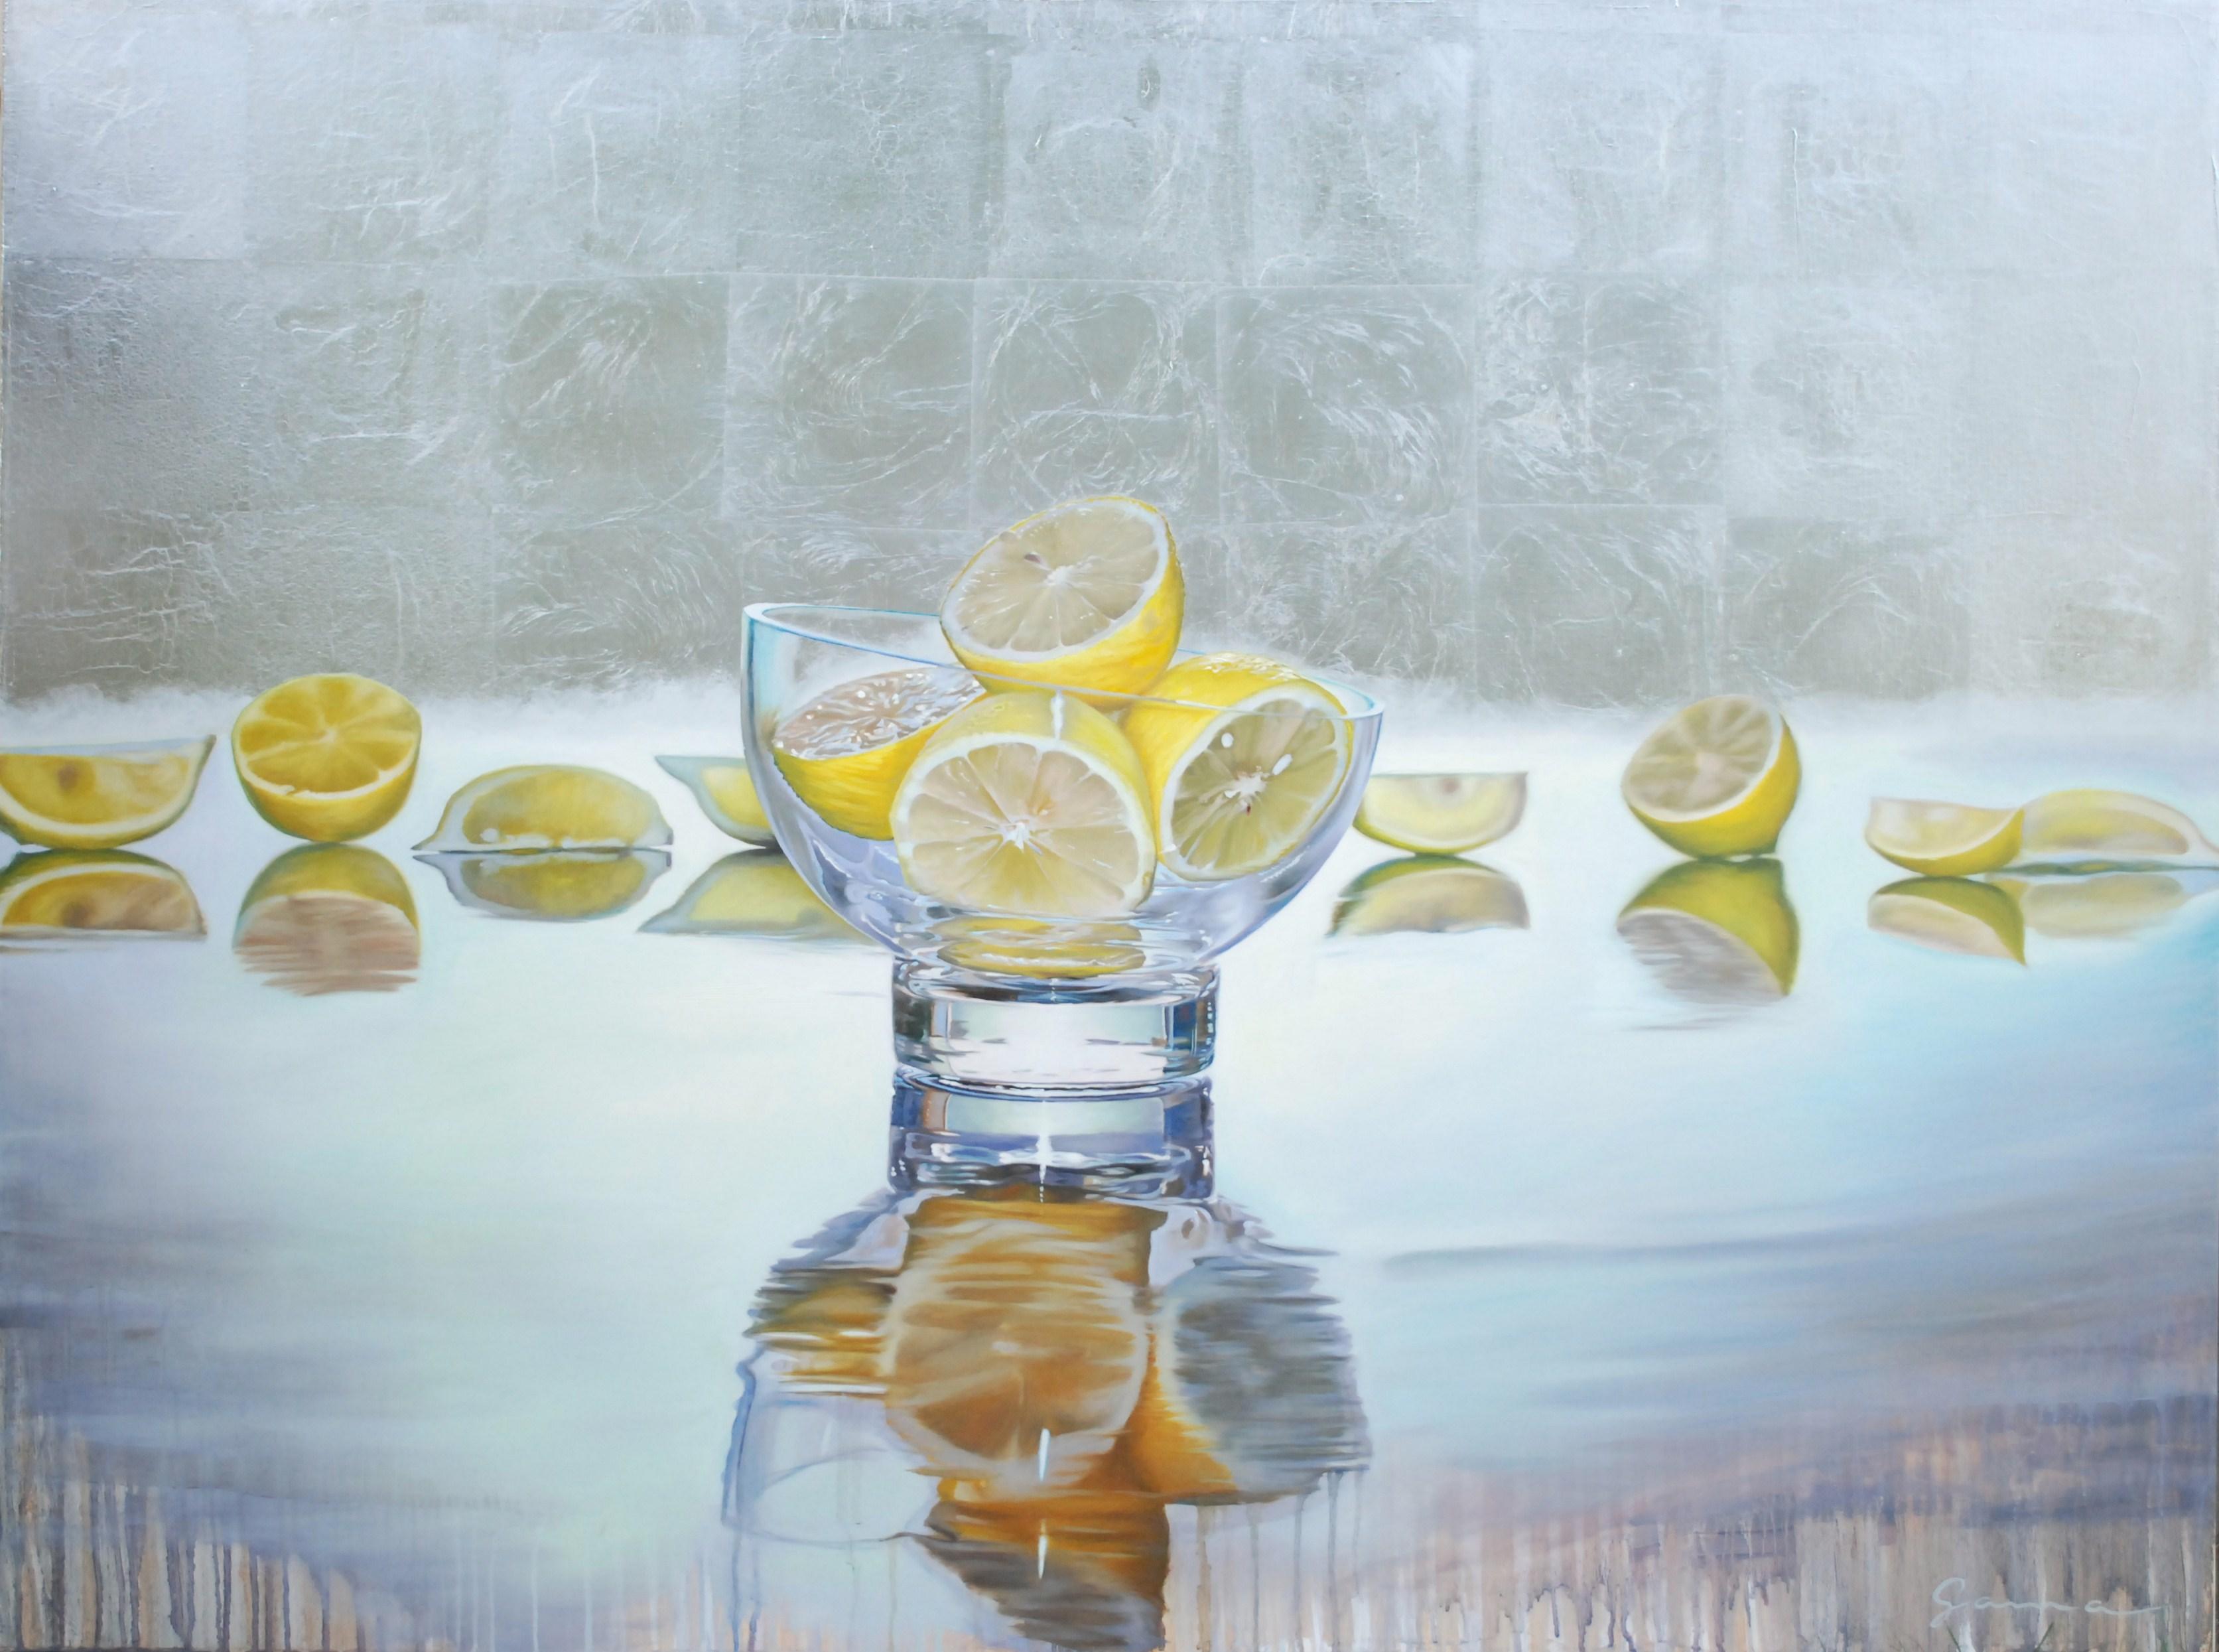 Moitiés et quarters de citrons